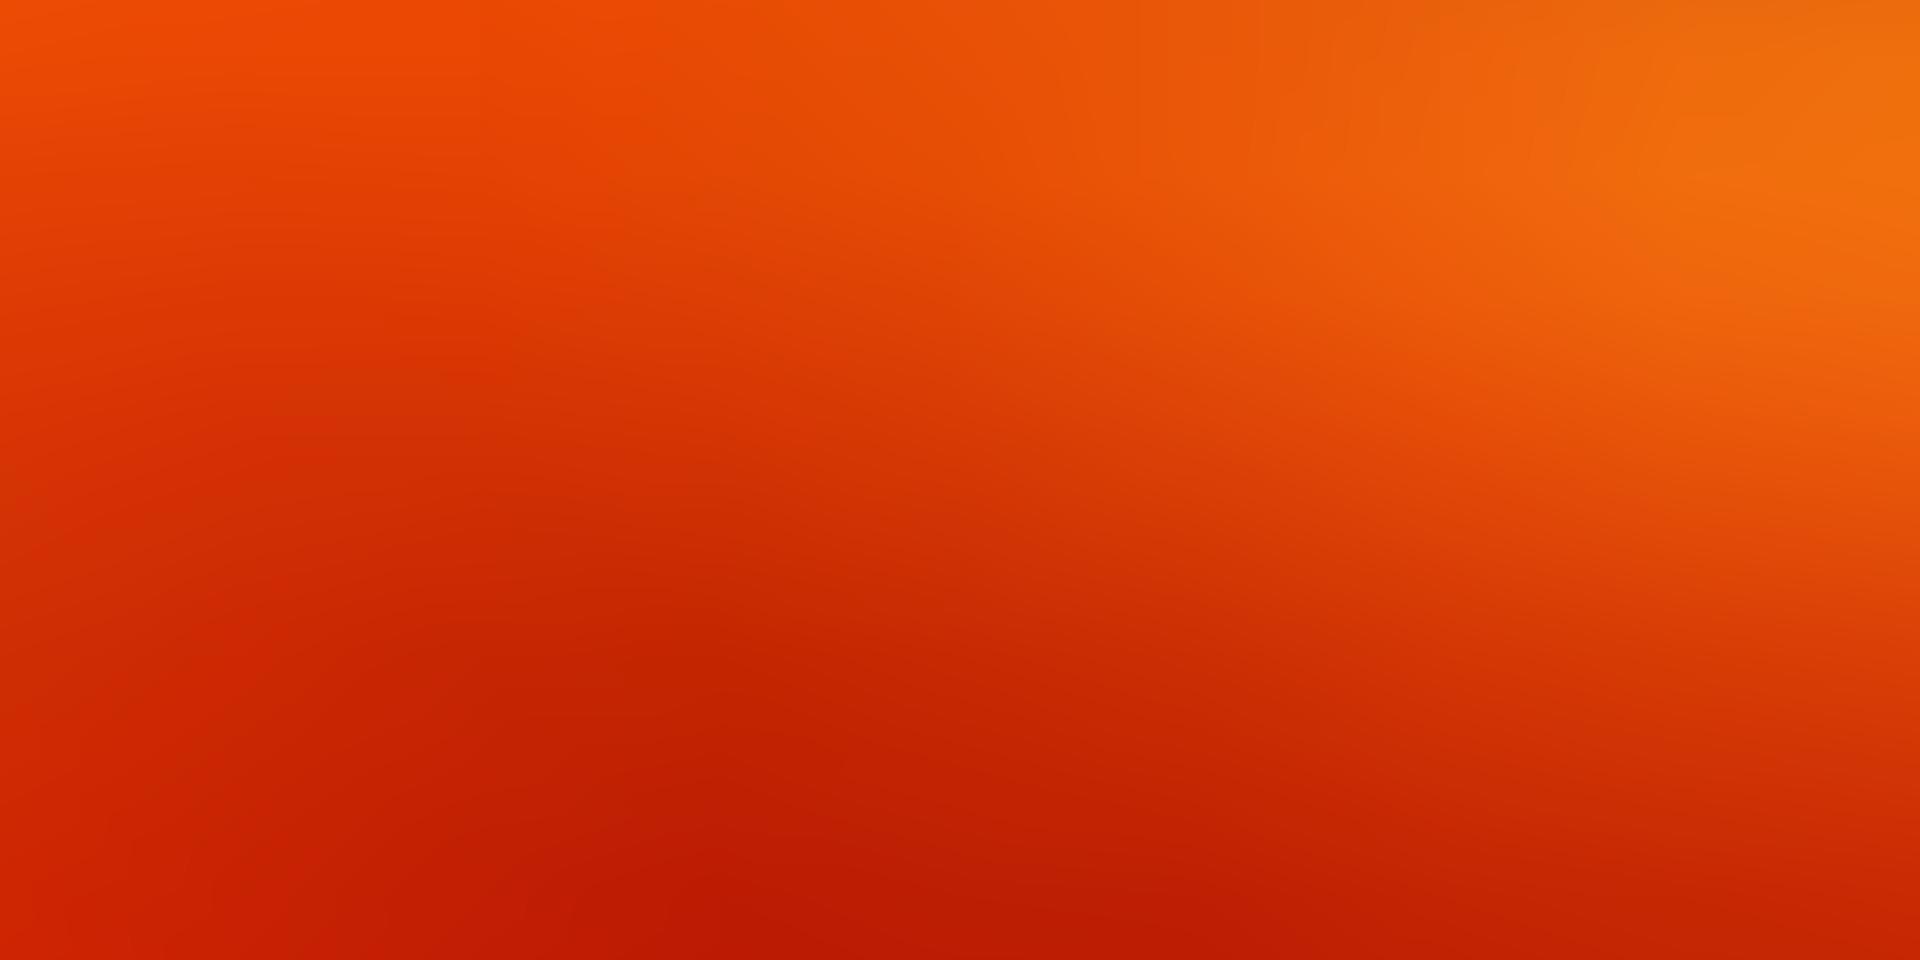 ljus orange vektor färgglad abstrakt bakgrund.